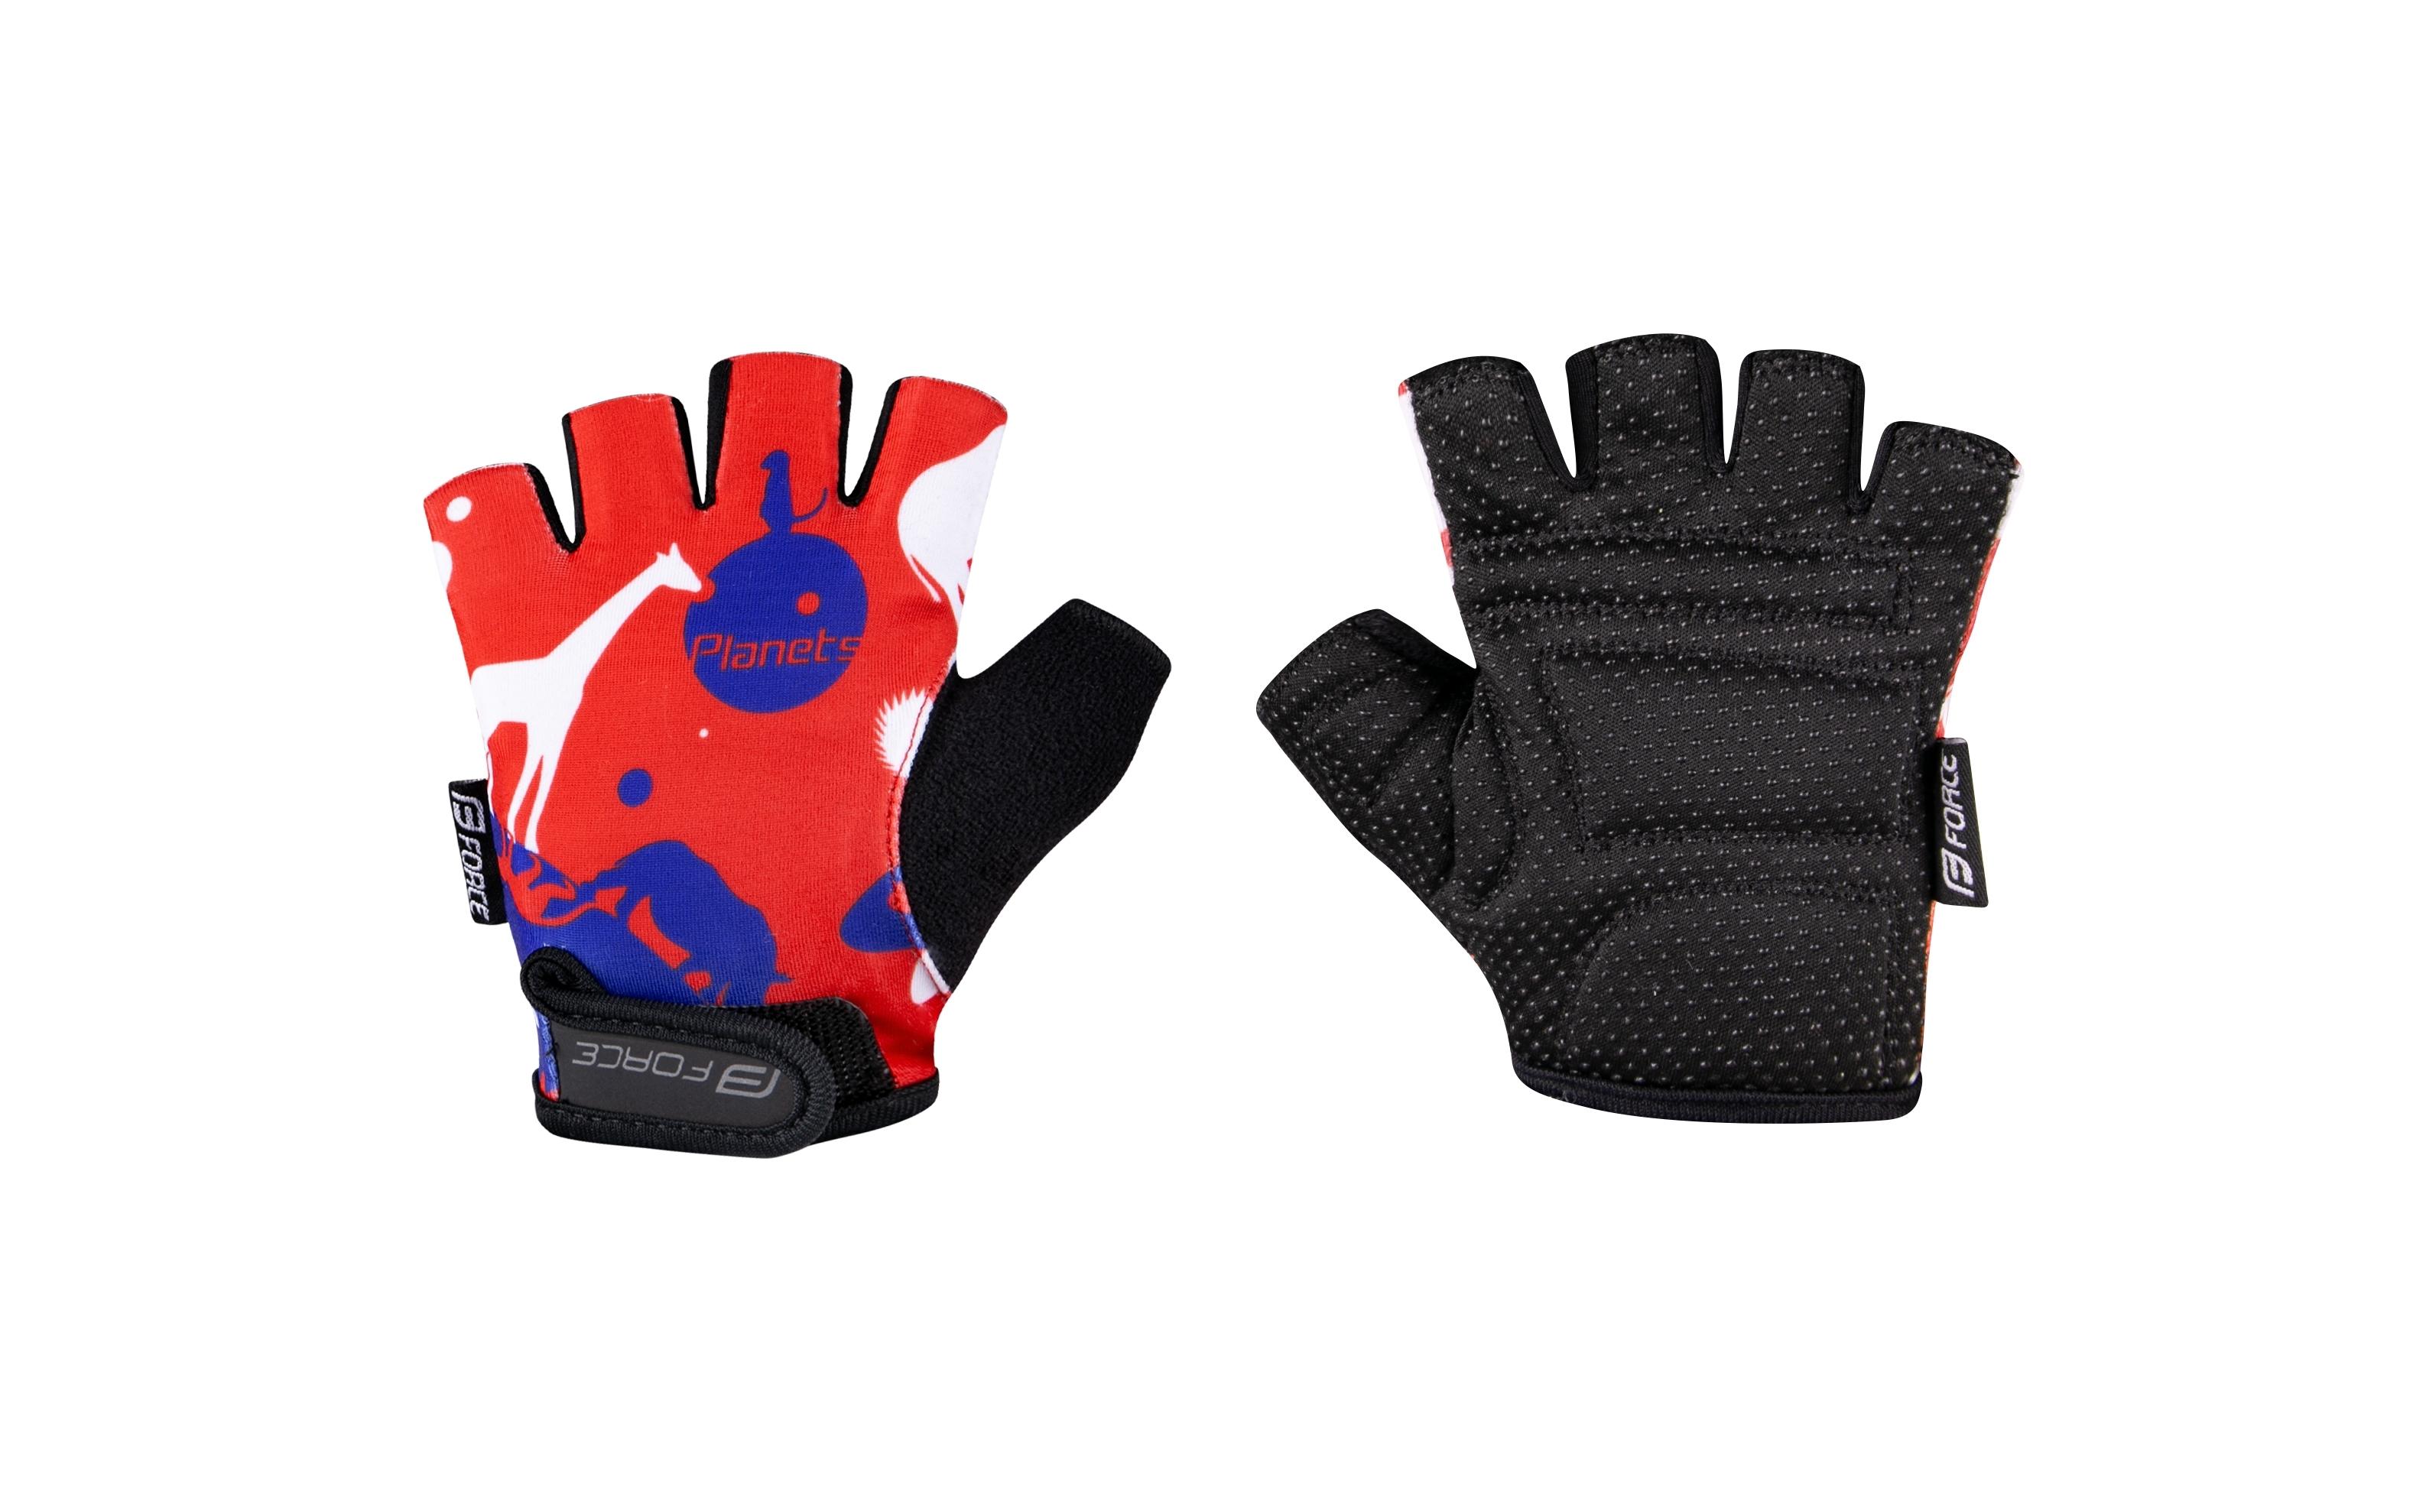 rukavice FORCE PLANETS dětské, červeno-modré XL